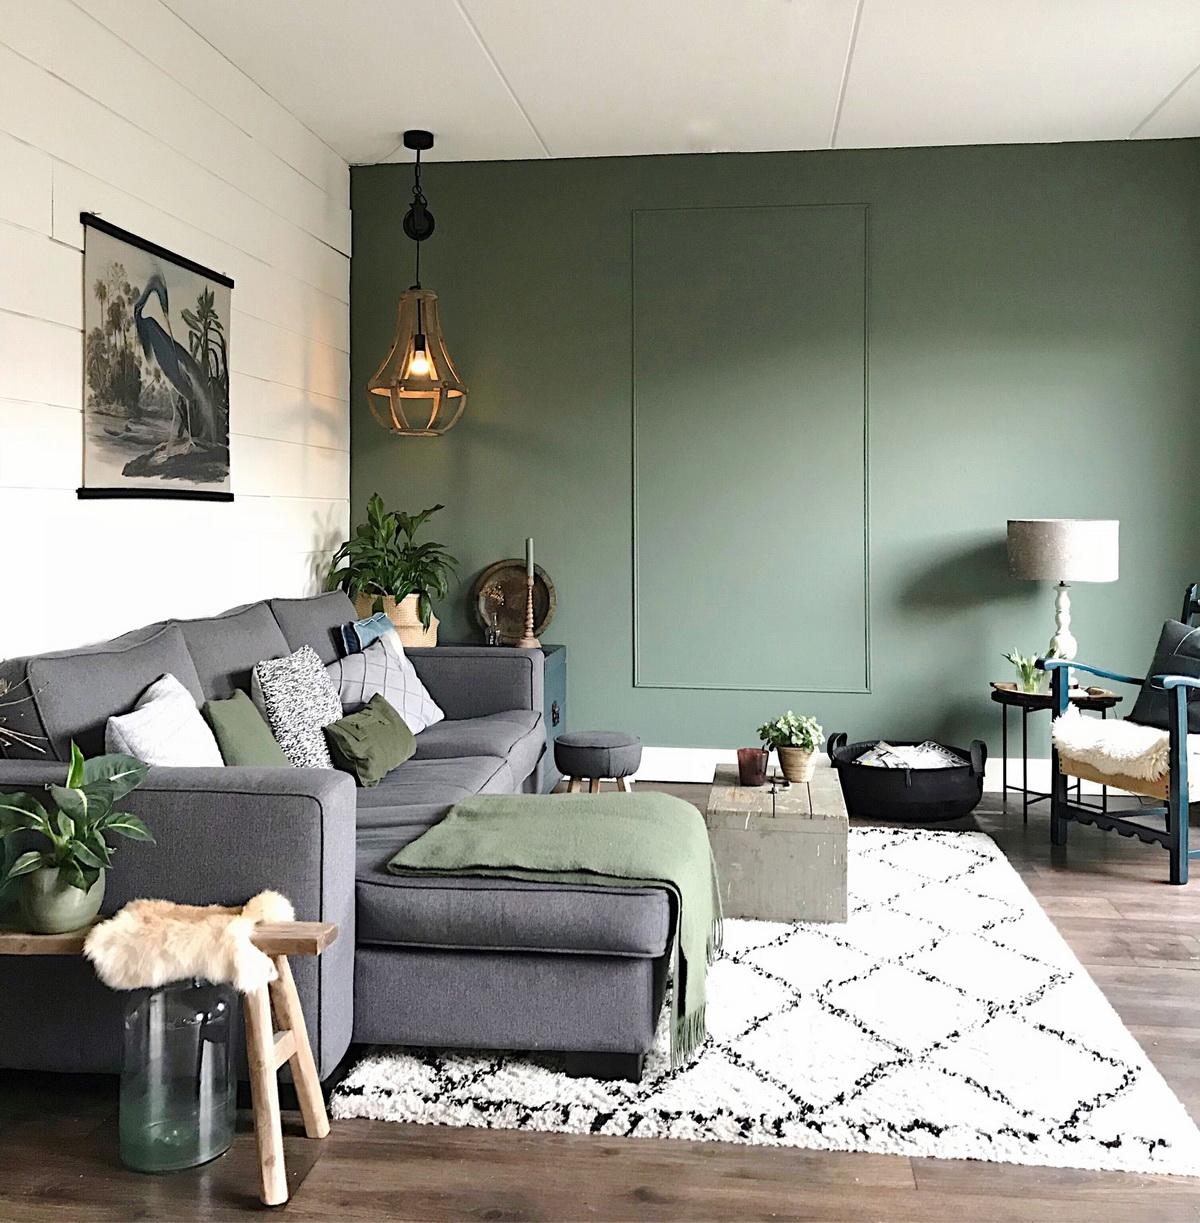 Оливкового цвета в интерьере